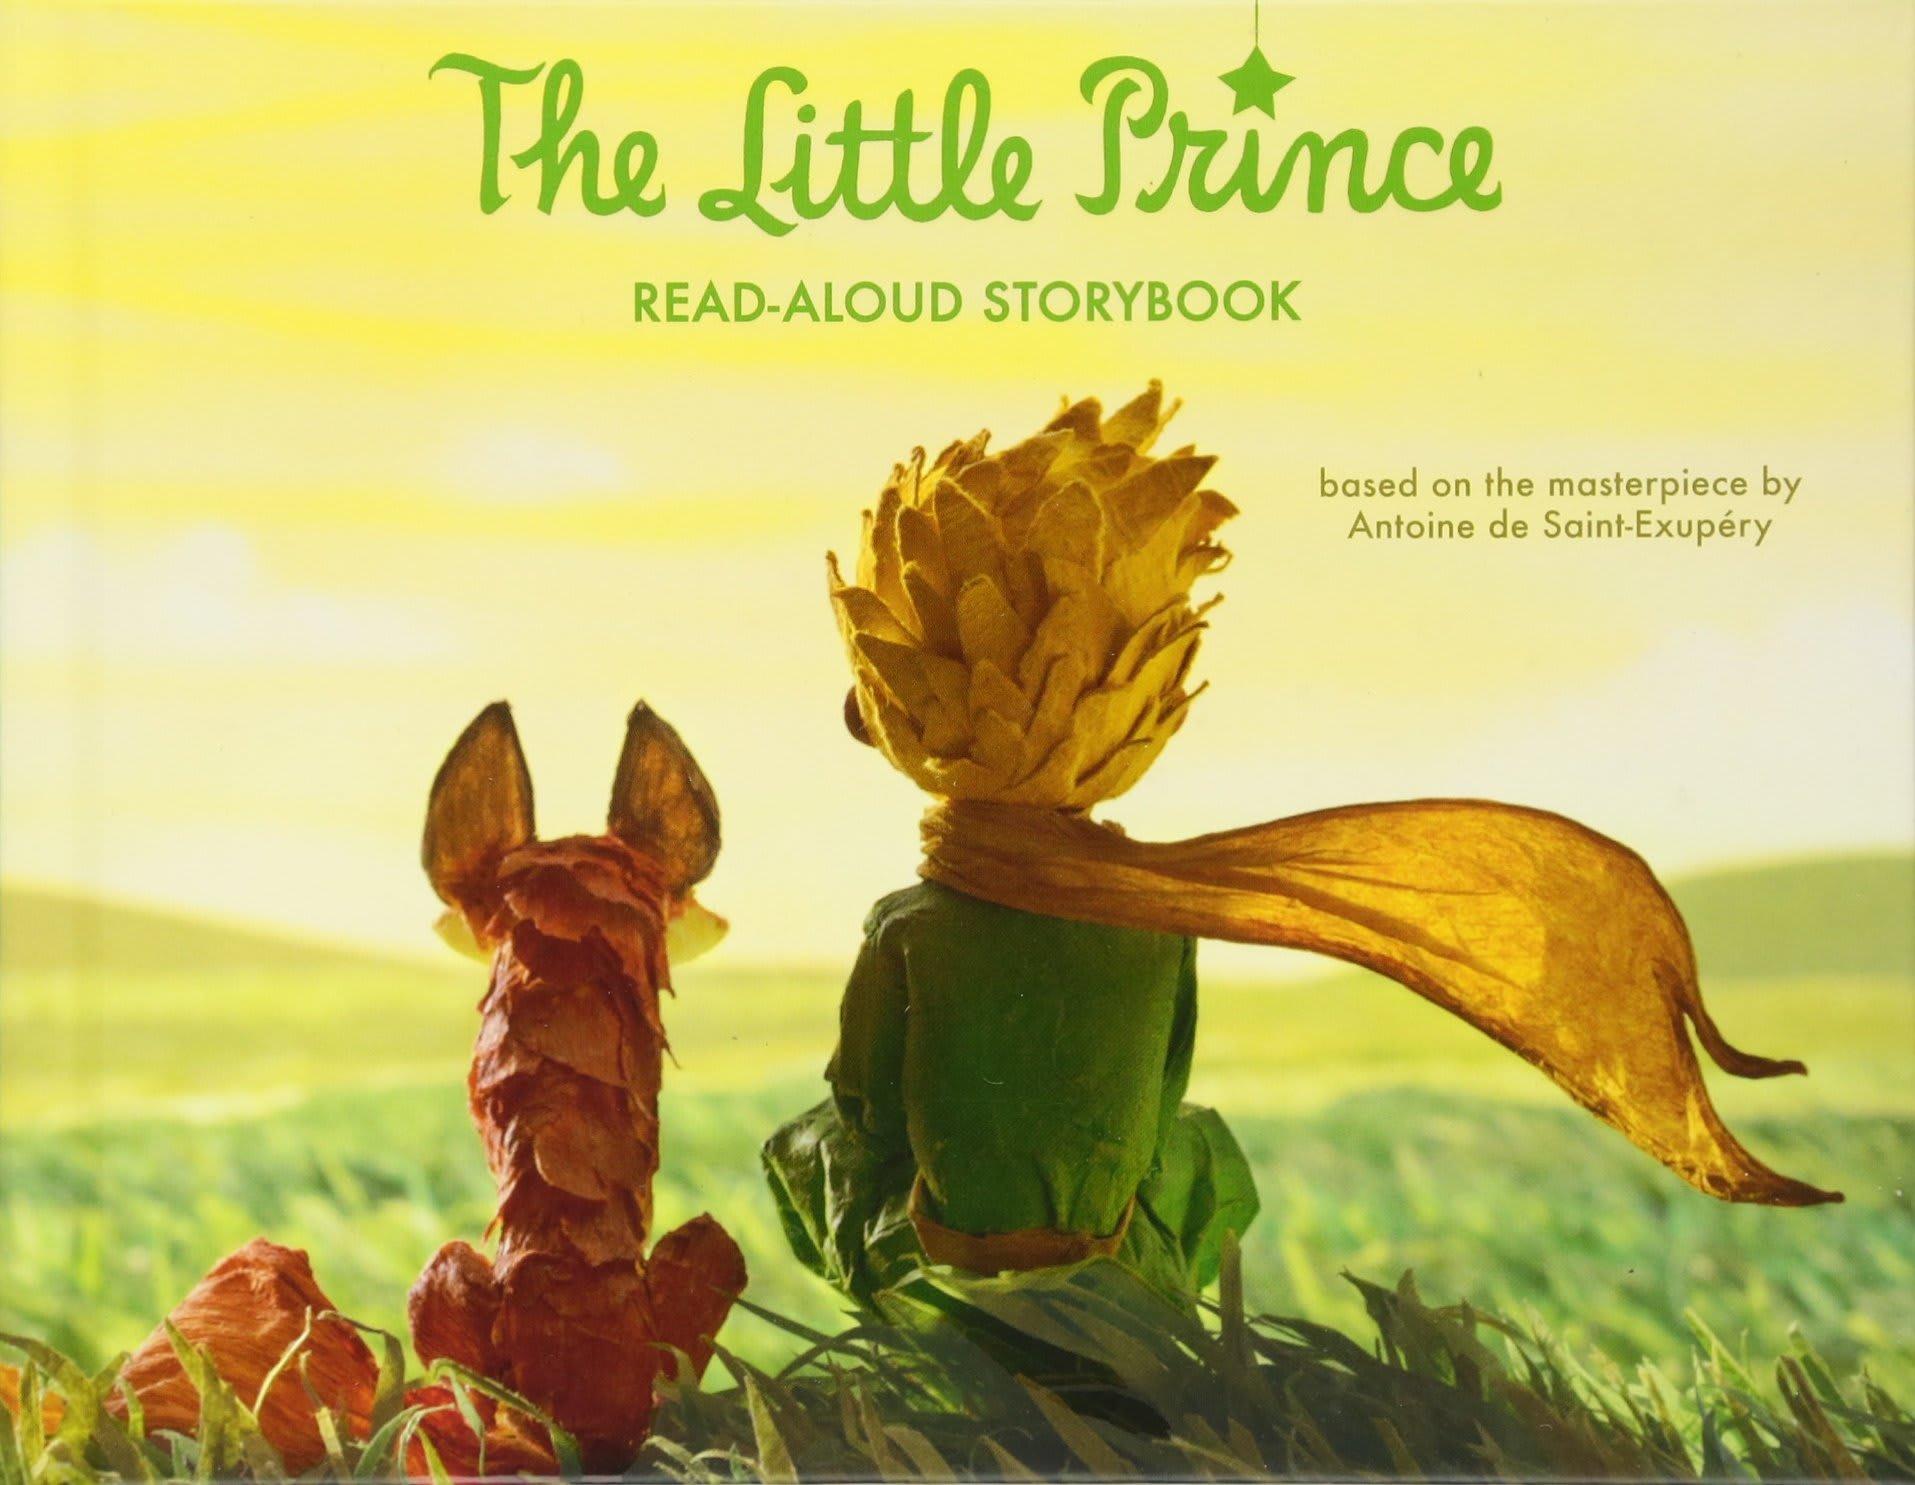 The little prince antoine de saint exupery by Marijun